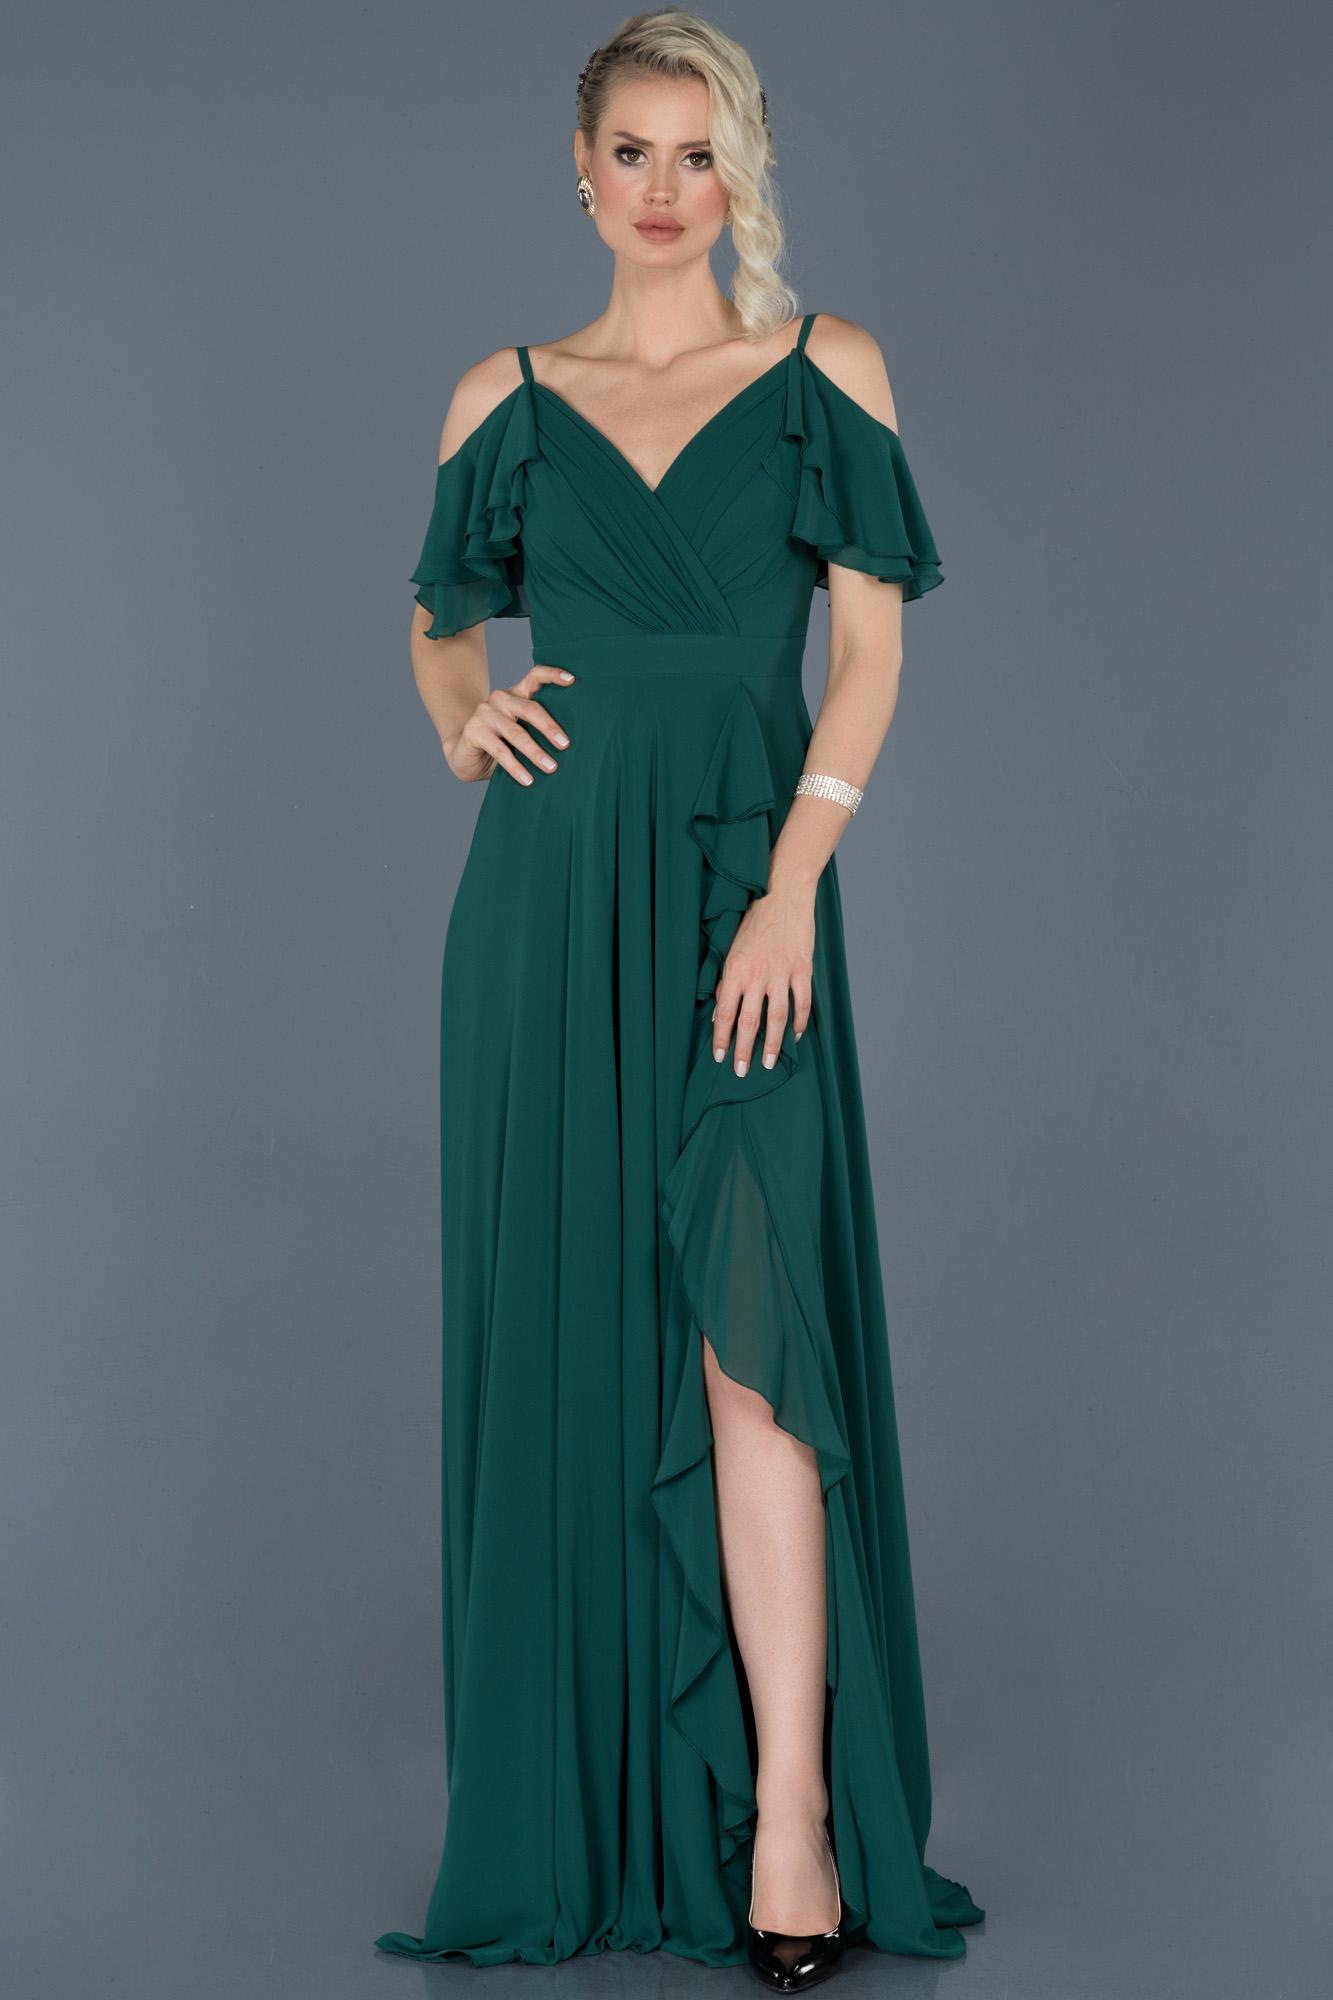 Zümrüt Yeşili Uzun Bacak Dekolteli Şifon Mezuniyet Elbisesi